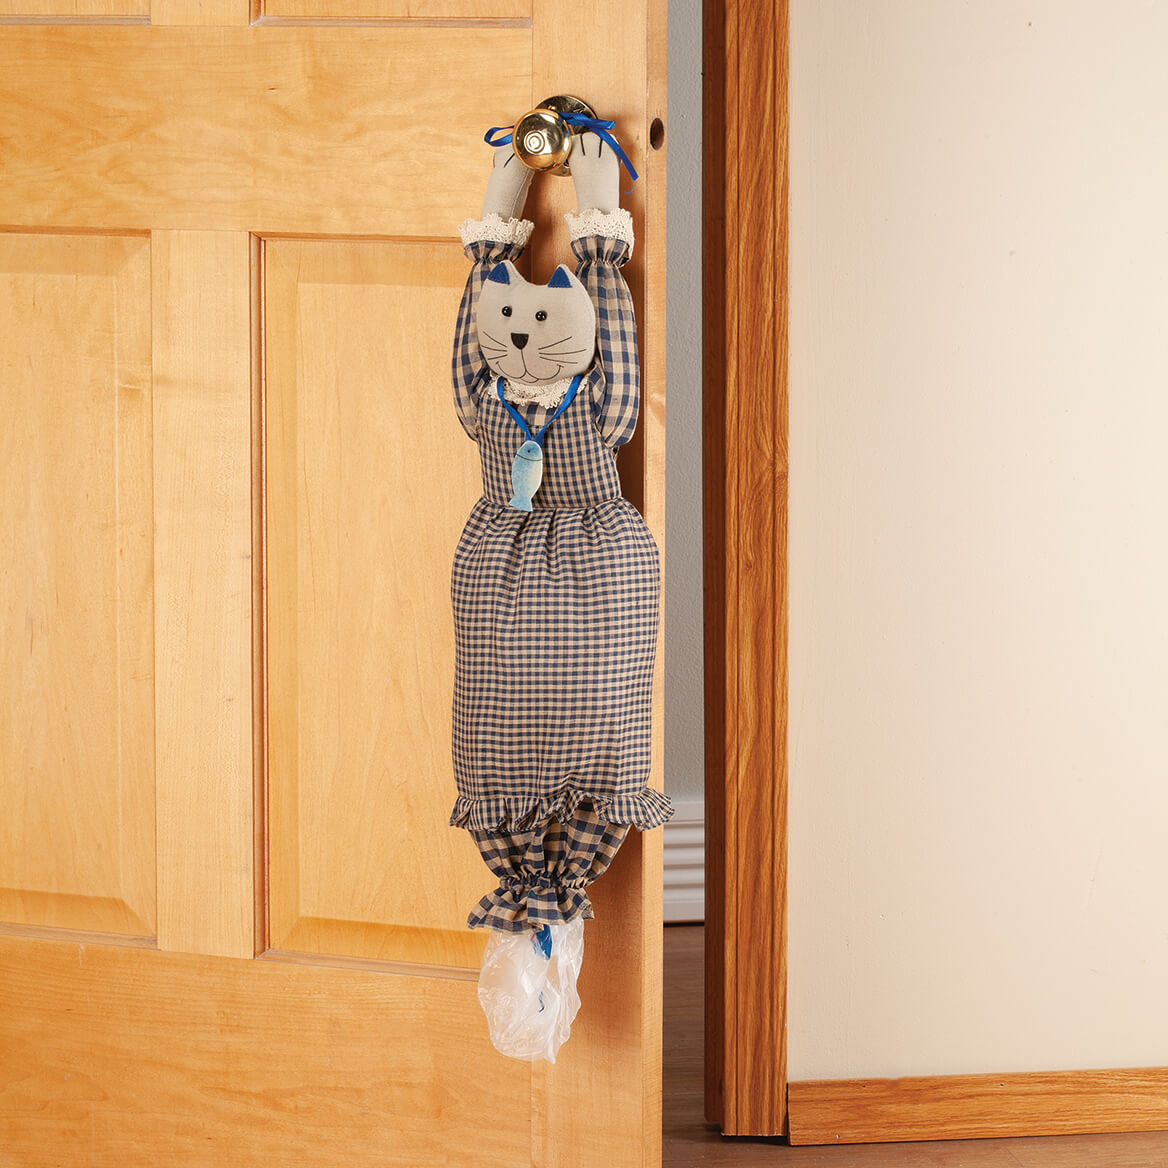 Ms. Kitty Plastic Bag Holder-371120